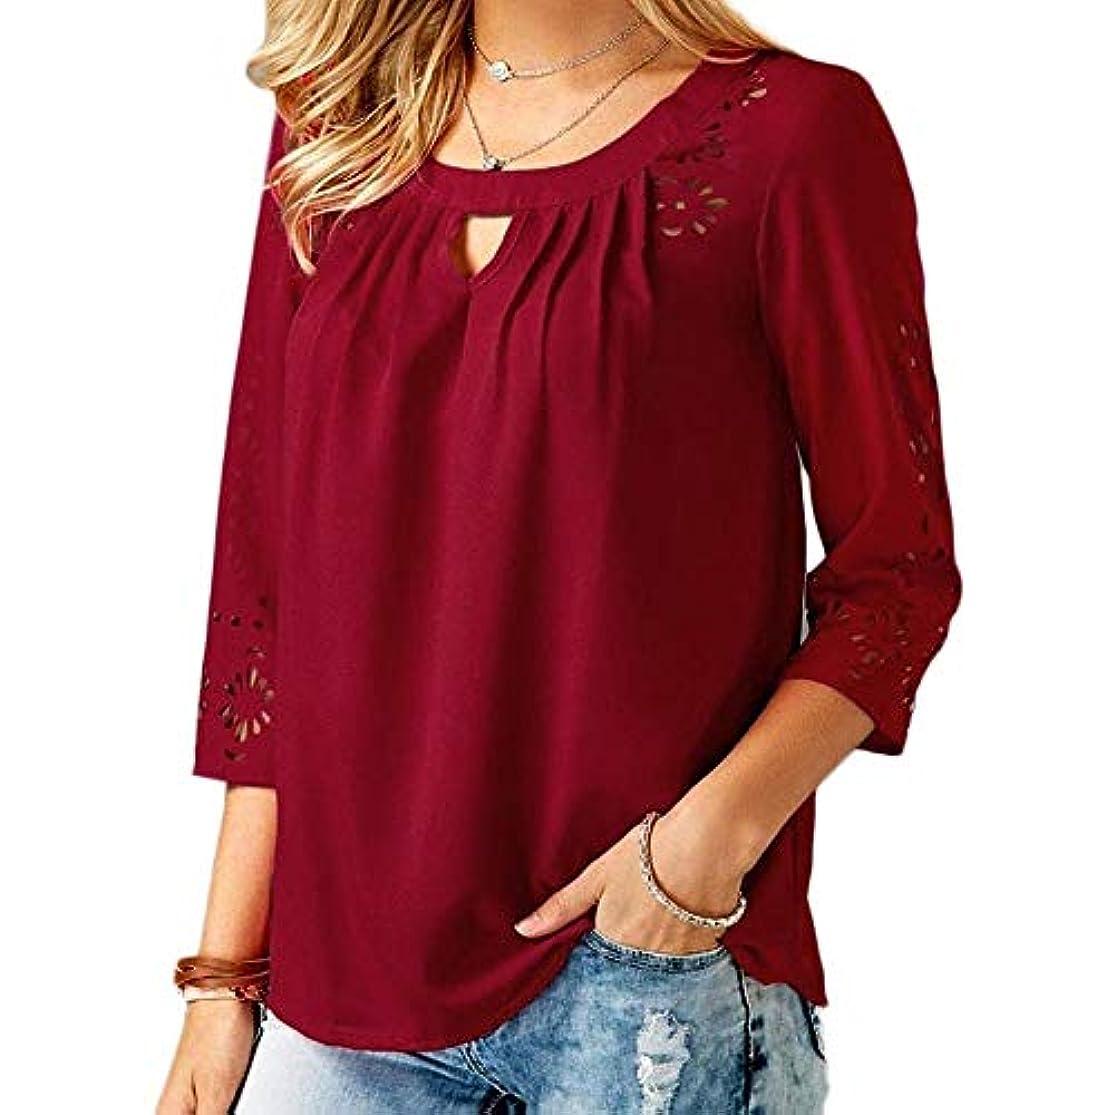 探すこれまで磁気MIFAN ゆったりTシャツ、シフォンシャツ、カジュアルシャツ、女性トップ、プラスサイズトップ